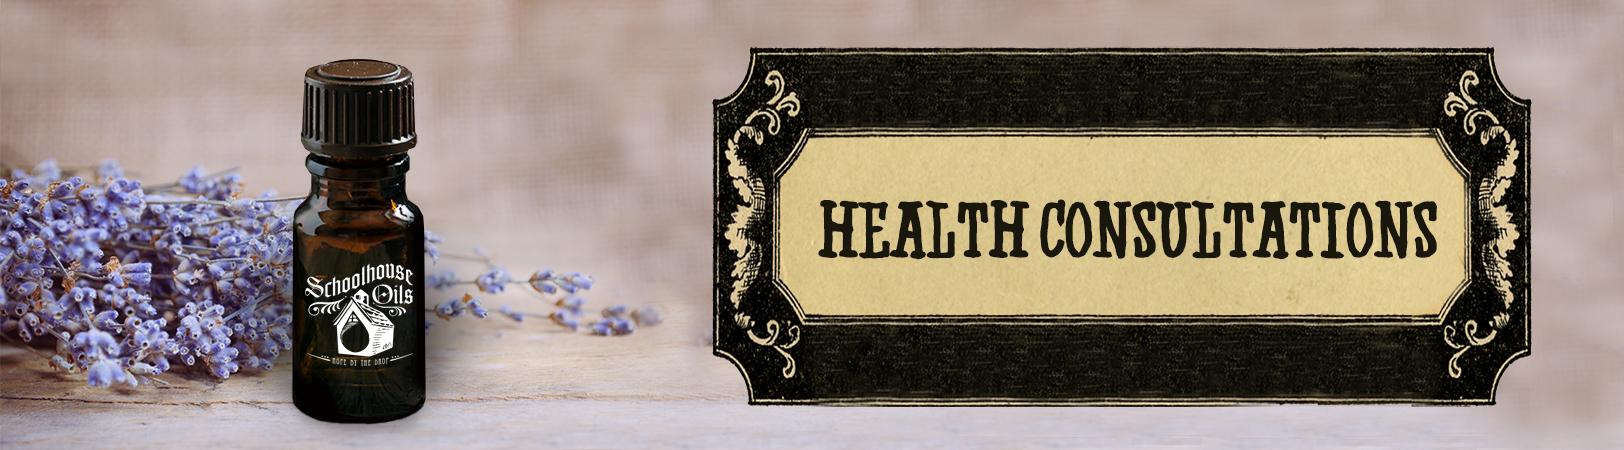 Essential Oils health consultations